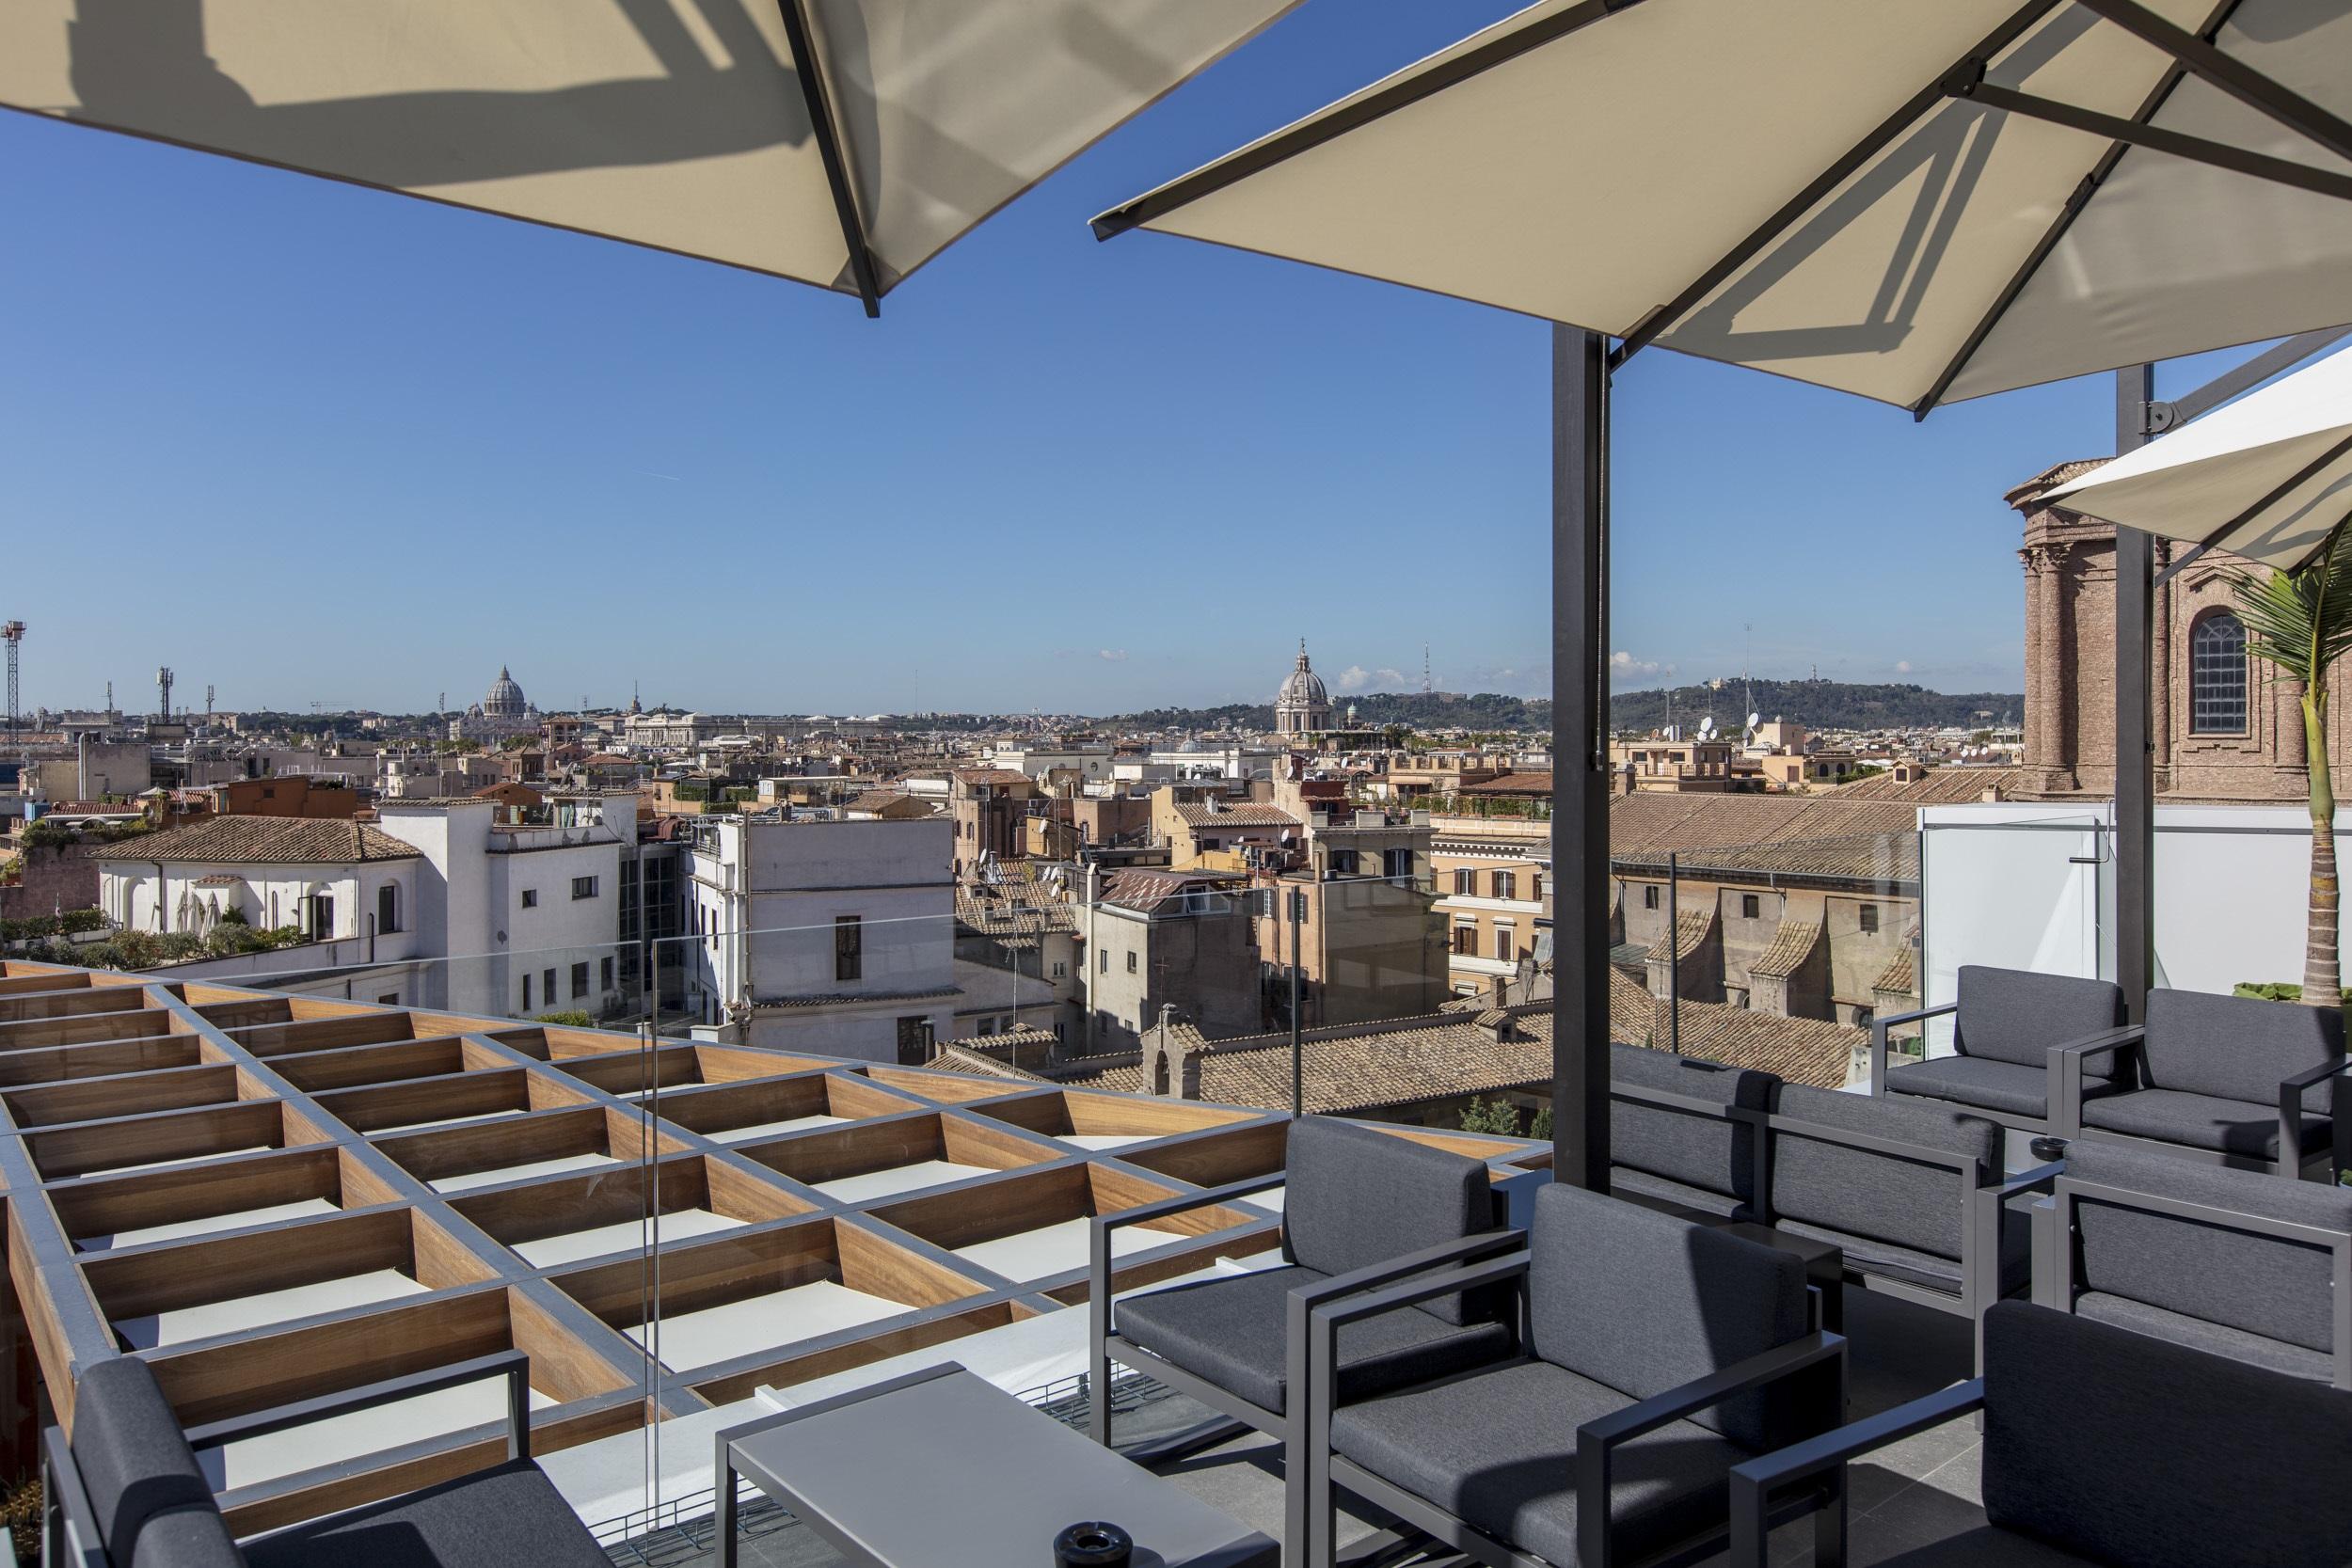 A roma una nuova rinascente agoranews for Rinascente via del tritone ristorante